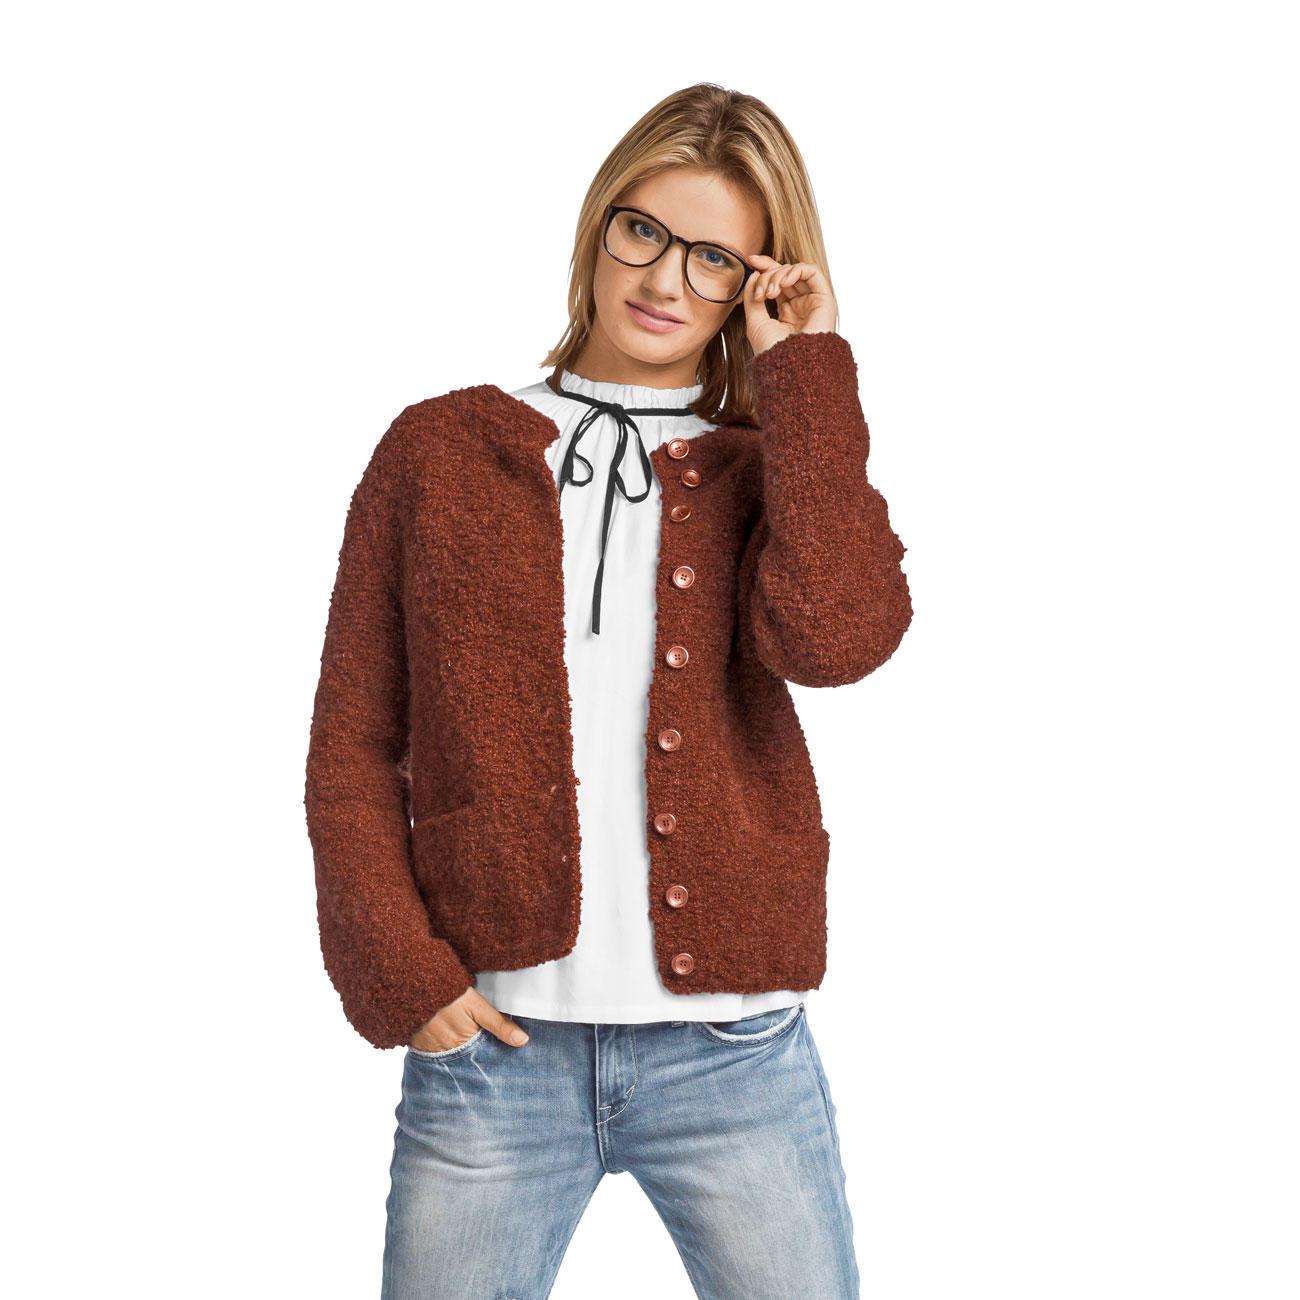 Anleitung 422/7, Damen Jacke aus Nordland® von Junghans-Wolle, 1 ...